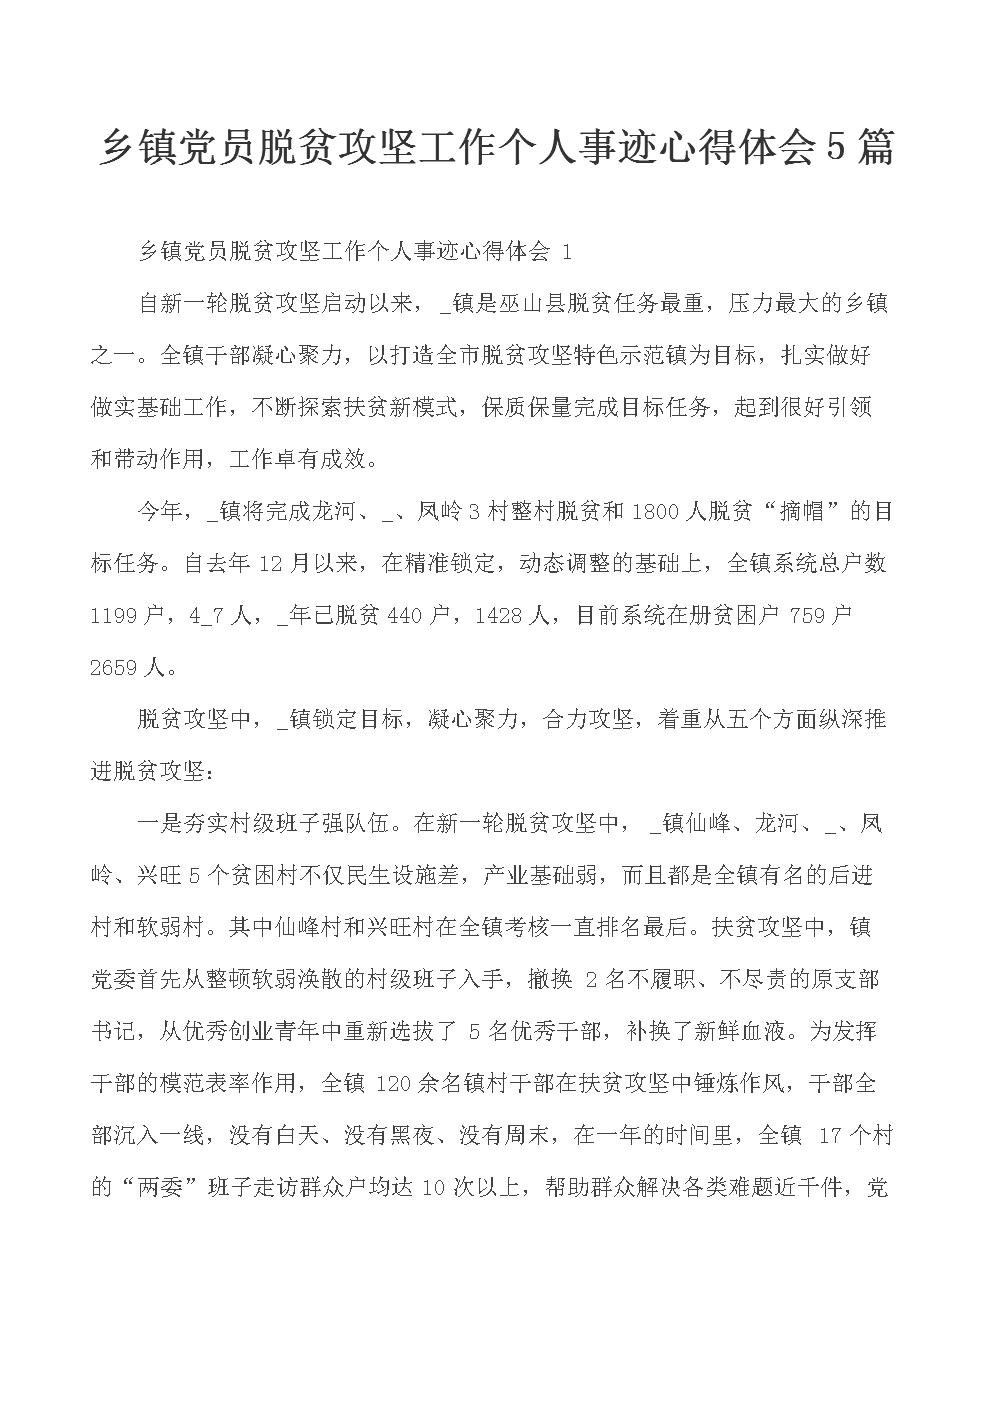 乡镇党员脱贫攻坚工作个人事迹心得体会5篇.docx